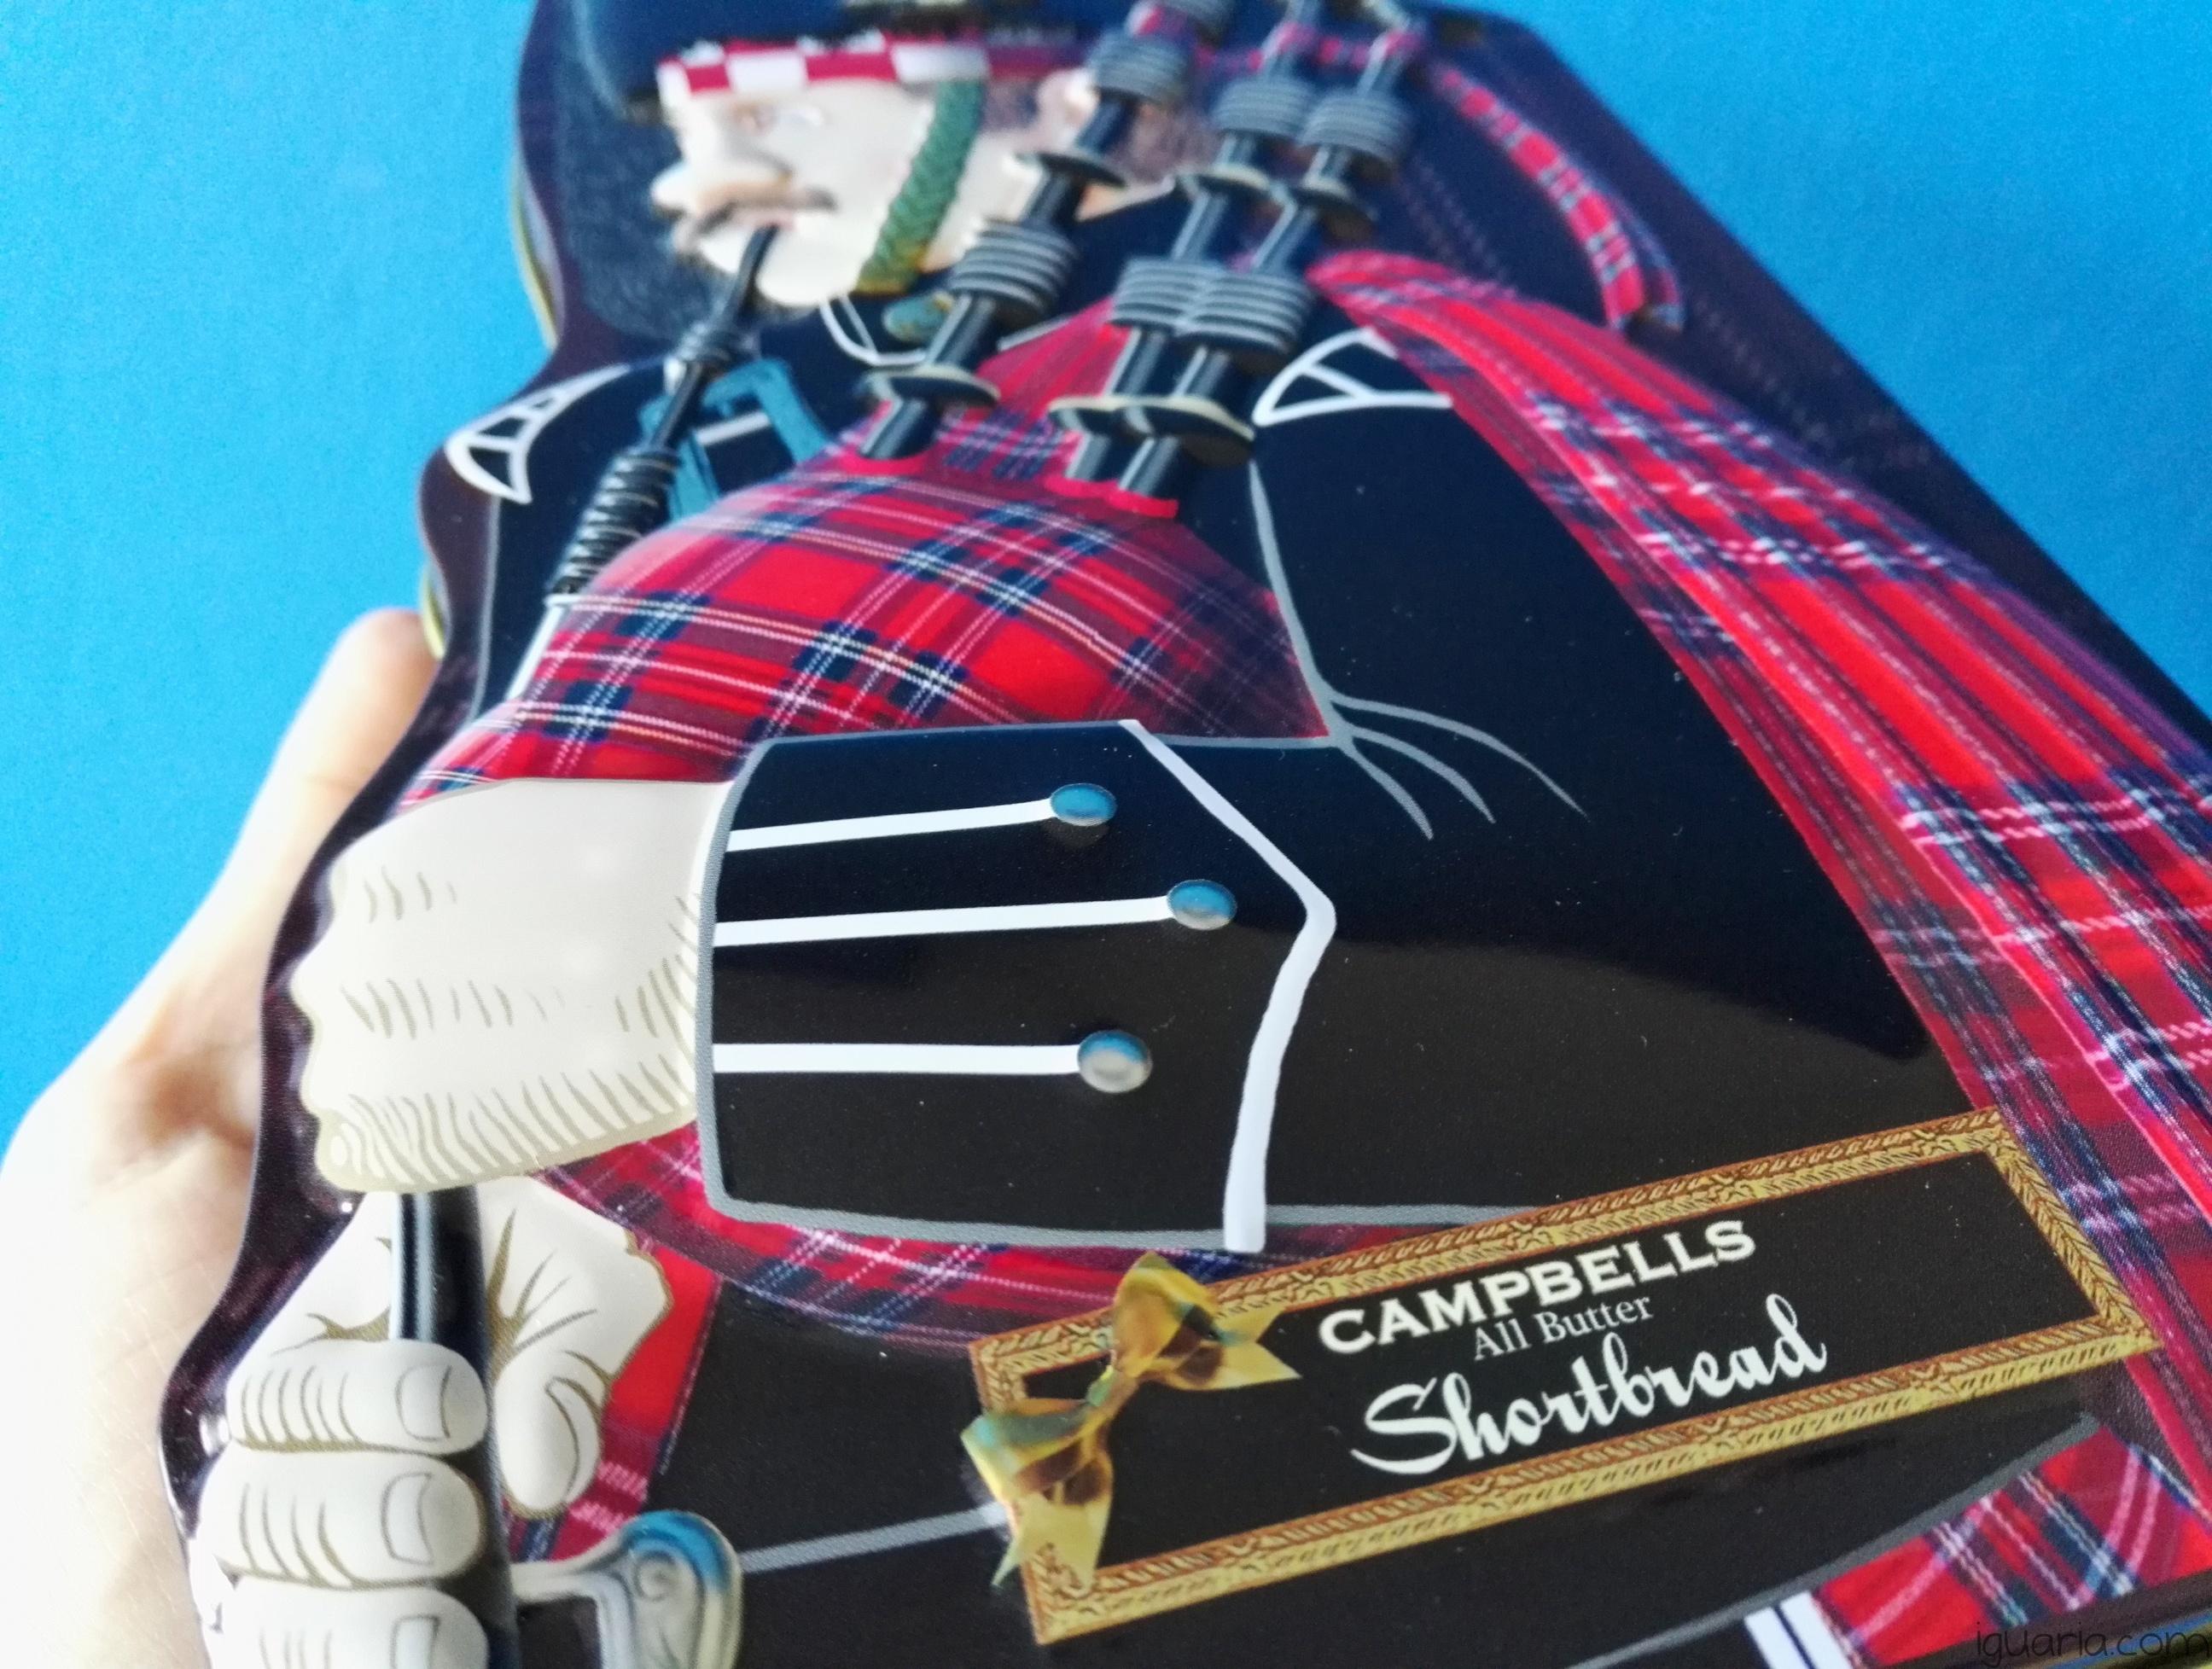 iguaria-campbells-all-butter-shortbread